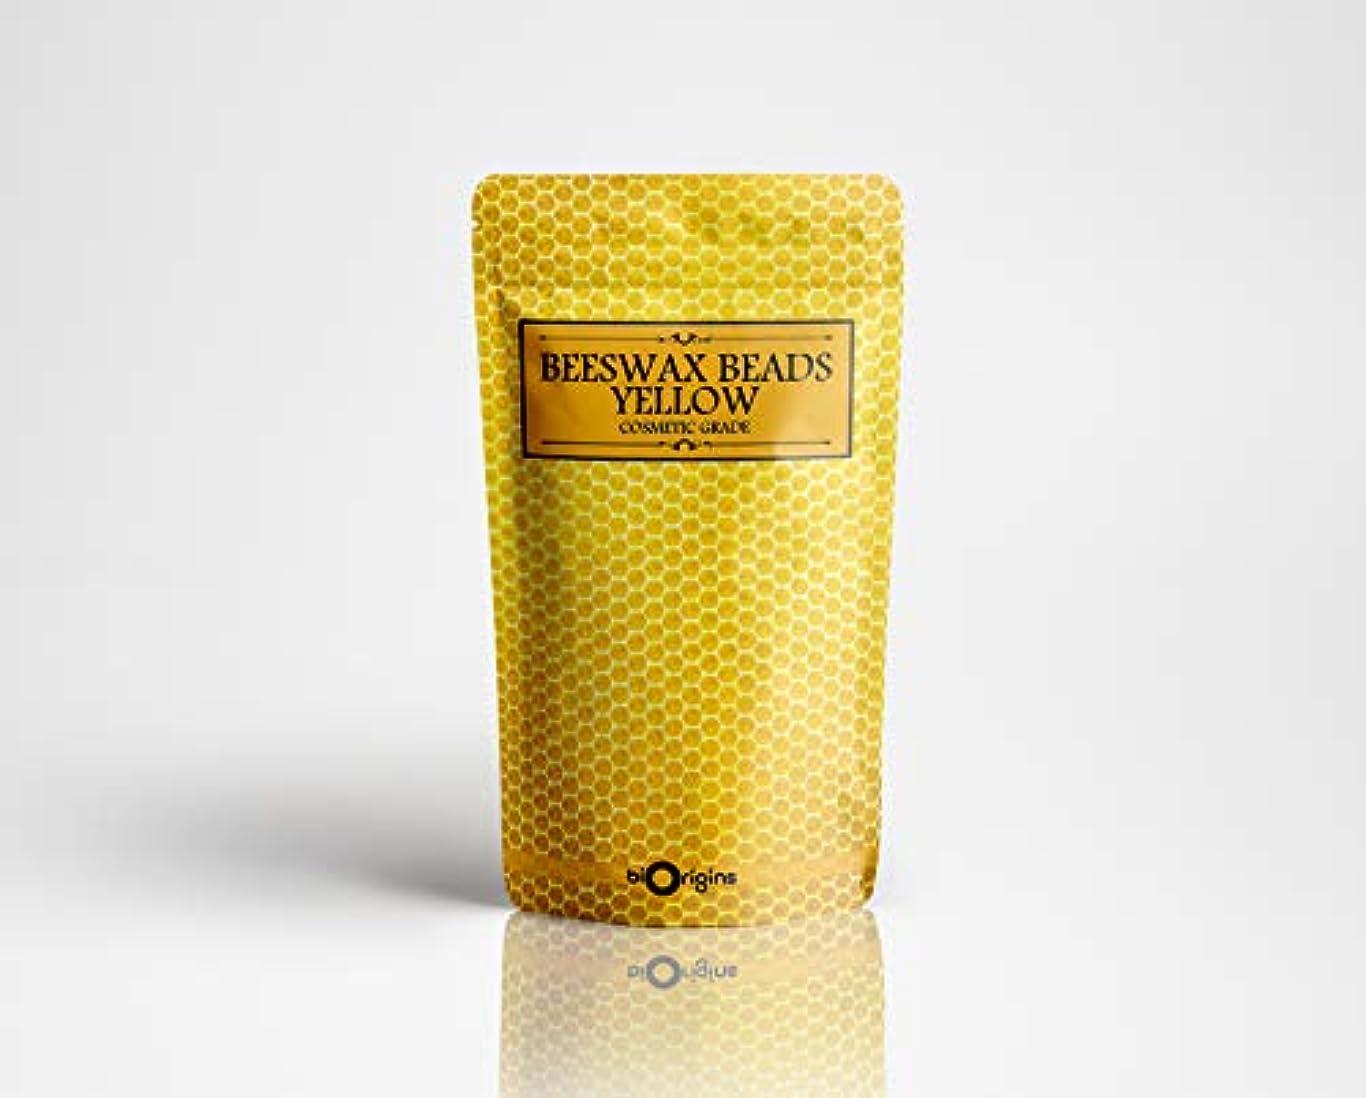 決定的耕す貪欲Beeswax Beads Yellow - Cosmetic Grade - 100g